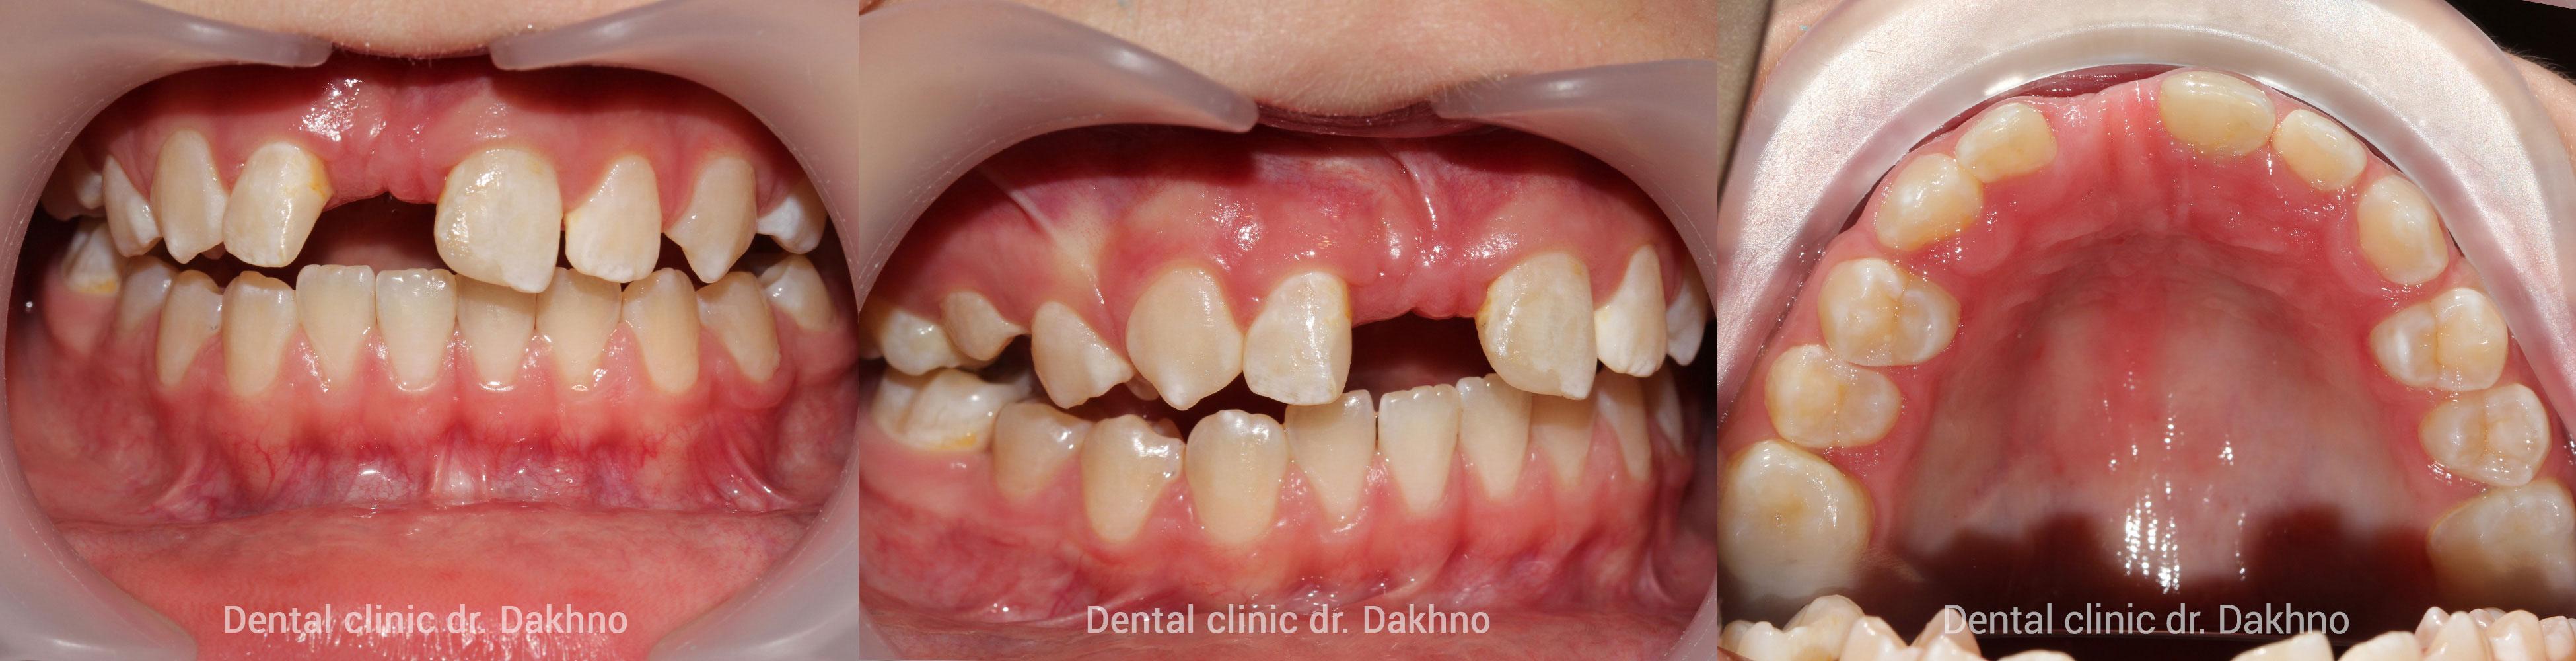 Подготовка ко второму этапу ортодонтического лечения